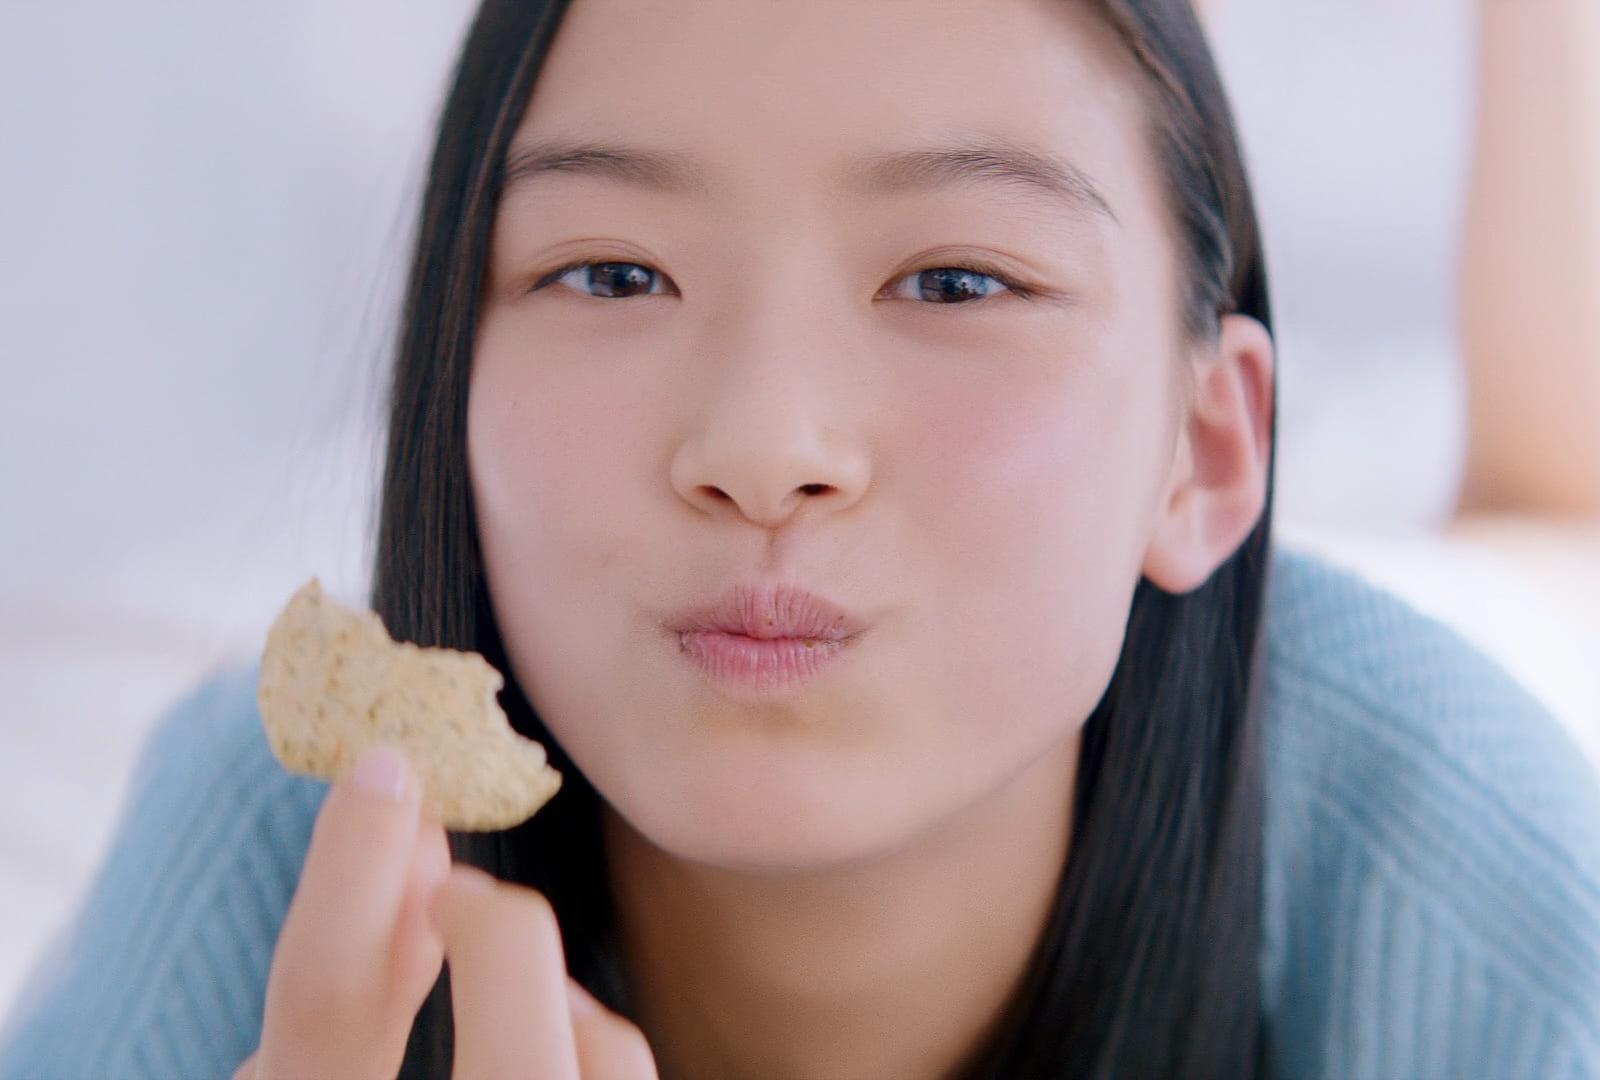 ドアップでポテチを食べる女の子が「かわいい」と注目集まる!汐谷友希がTVCM初出演